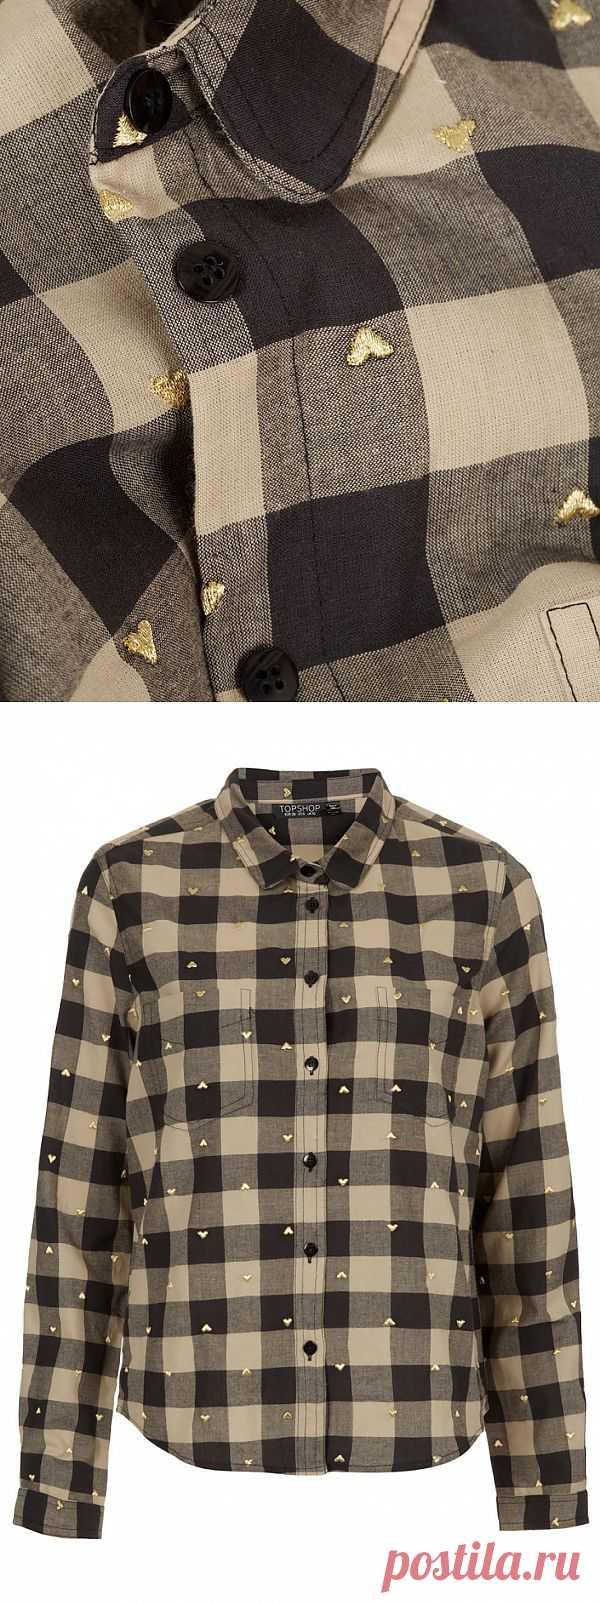 Золотое сердце / Рубашки / Модный сайт о стильной переделке одежды и интерьера